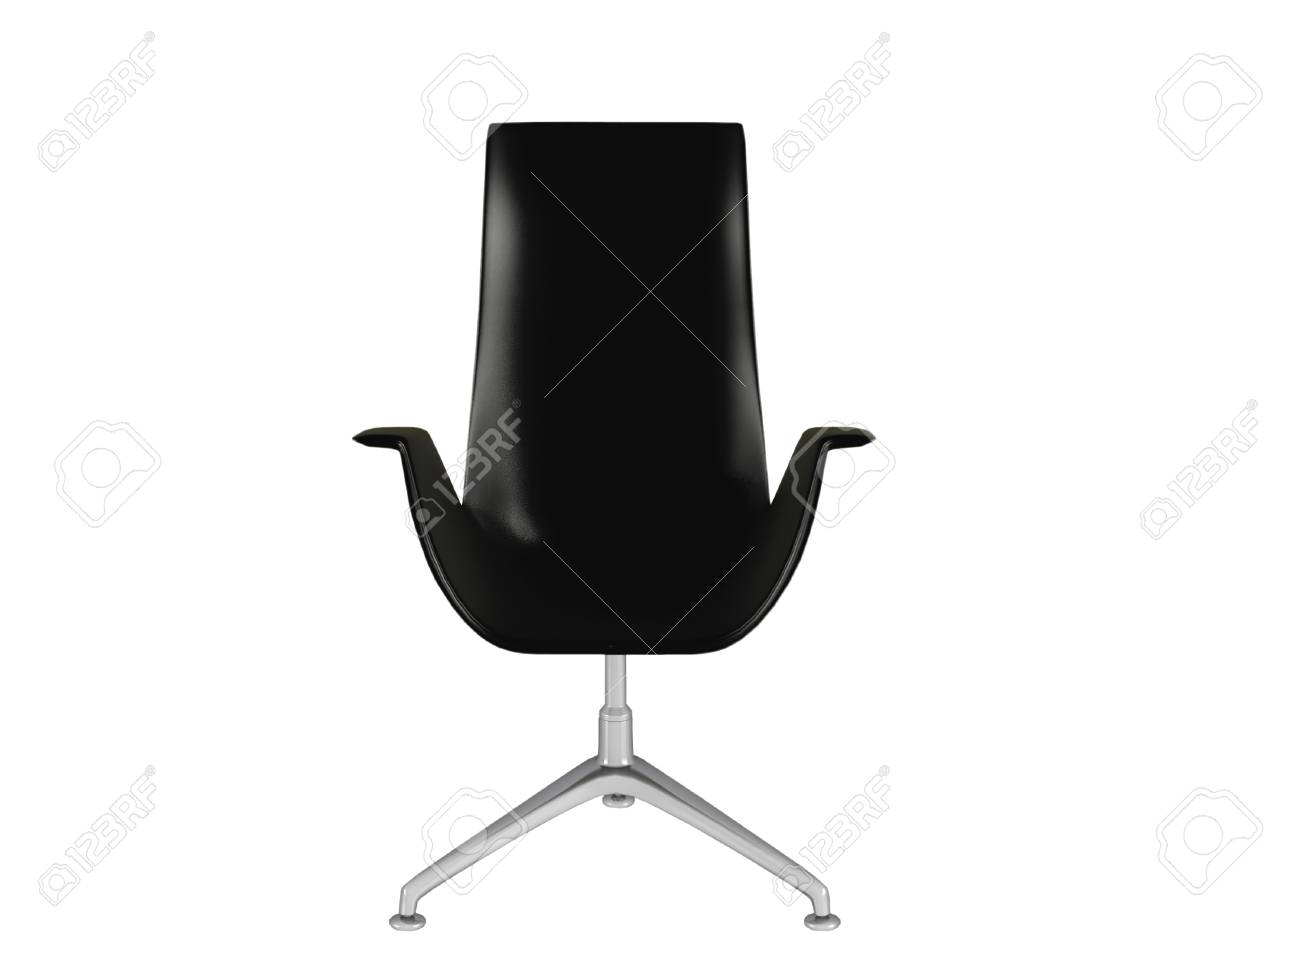 Fauteuil de bureau noir isolé sur le fond blanc illustration 3d